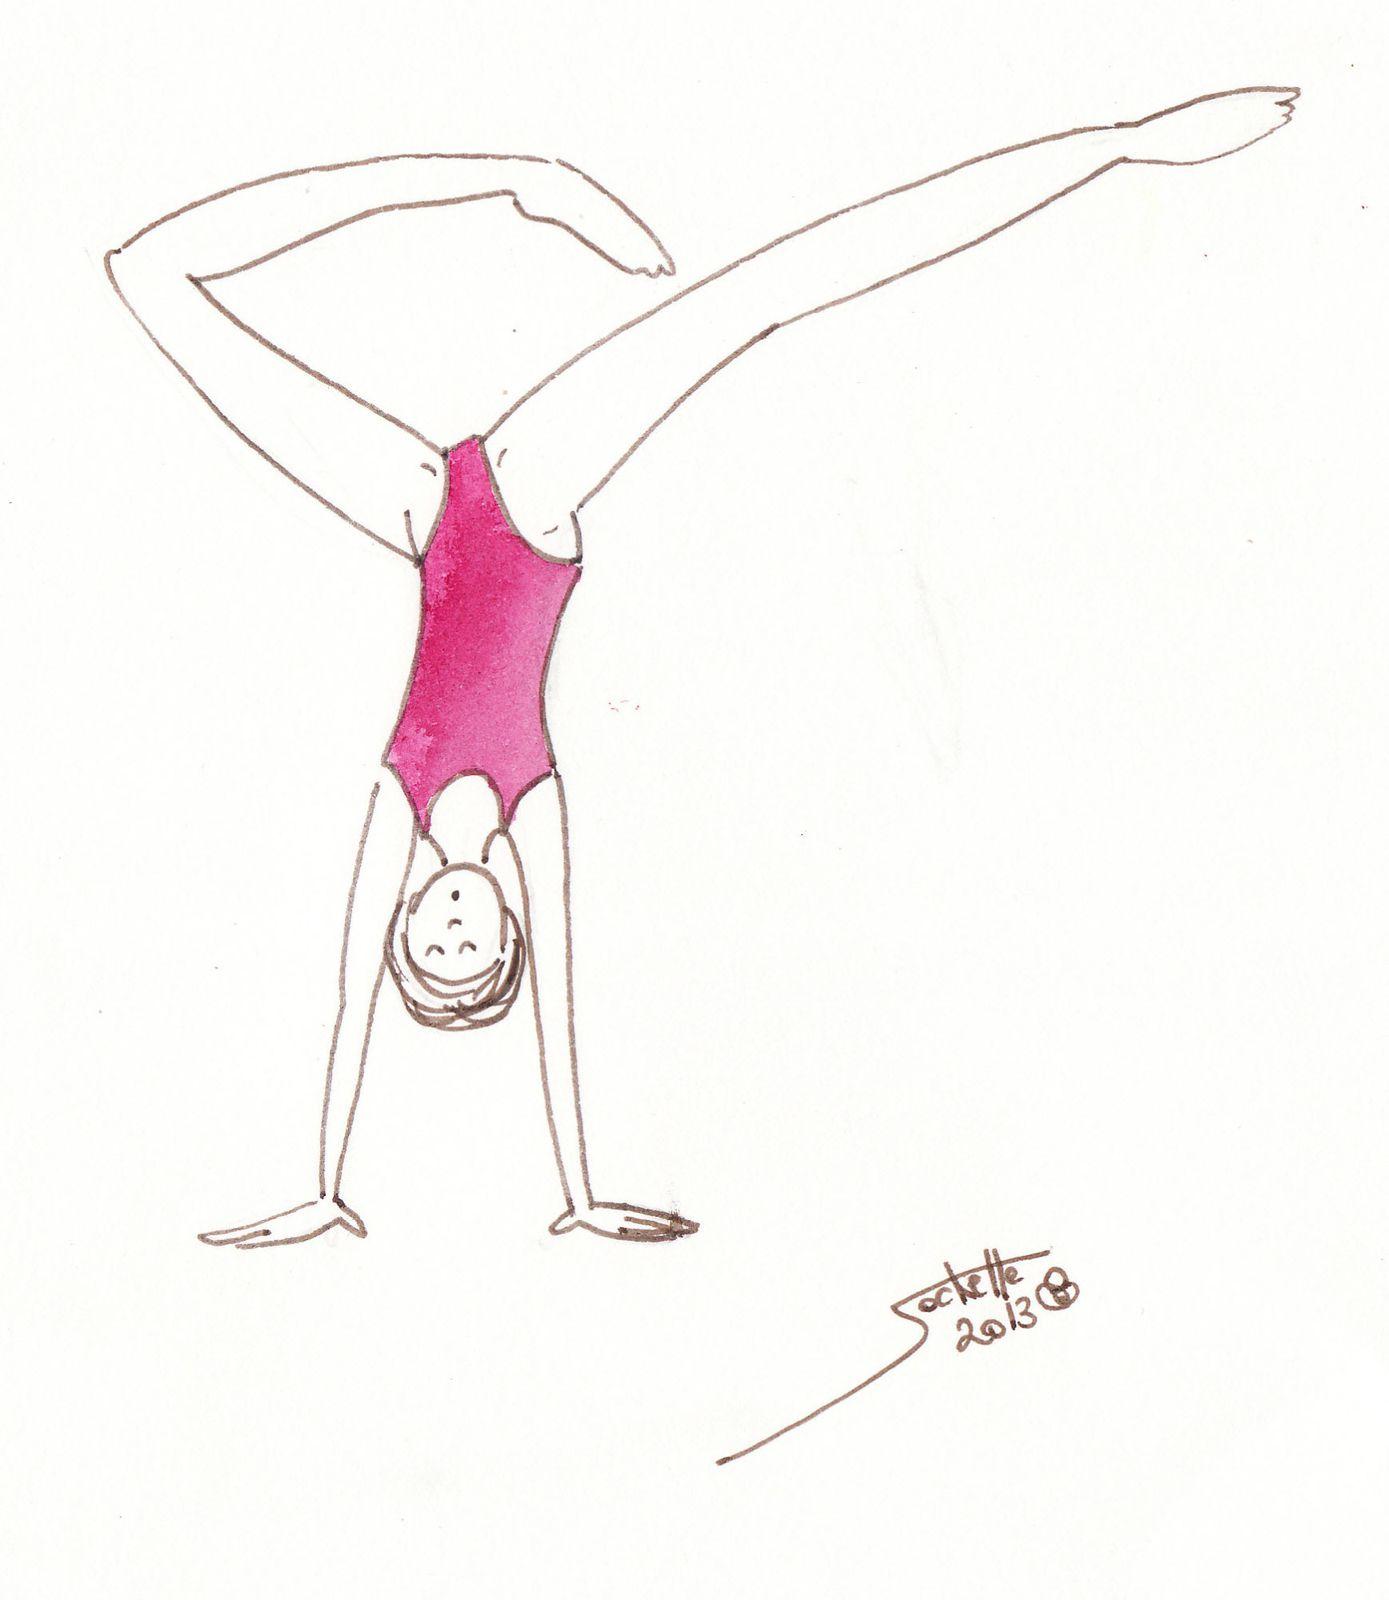 http://idata.over-blog.com/3/07/28/31/albums/gymnastes/gymnaste-2.jpg